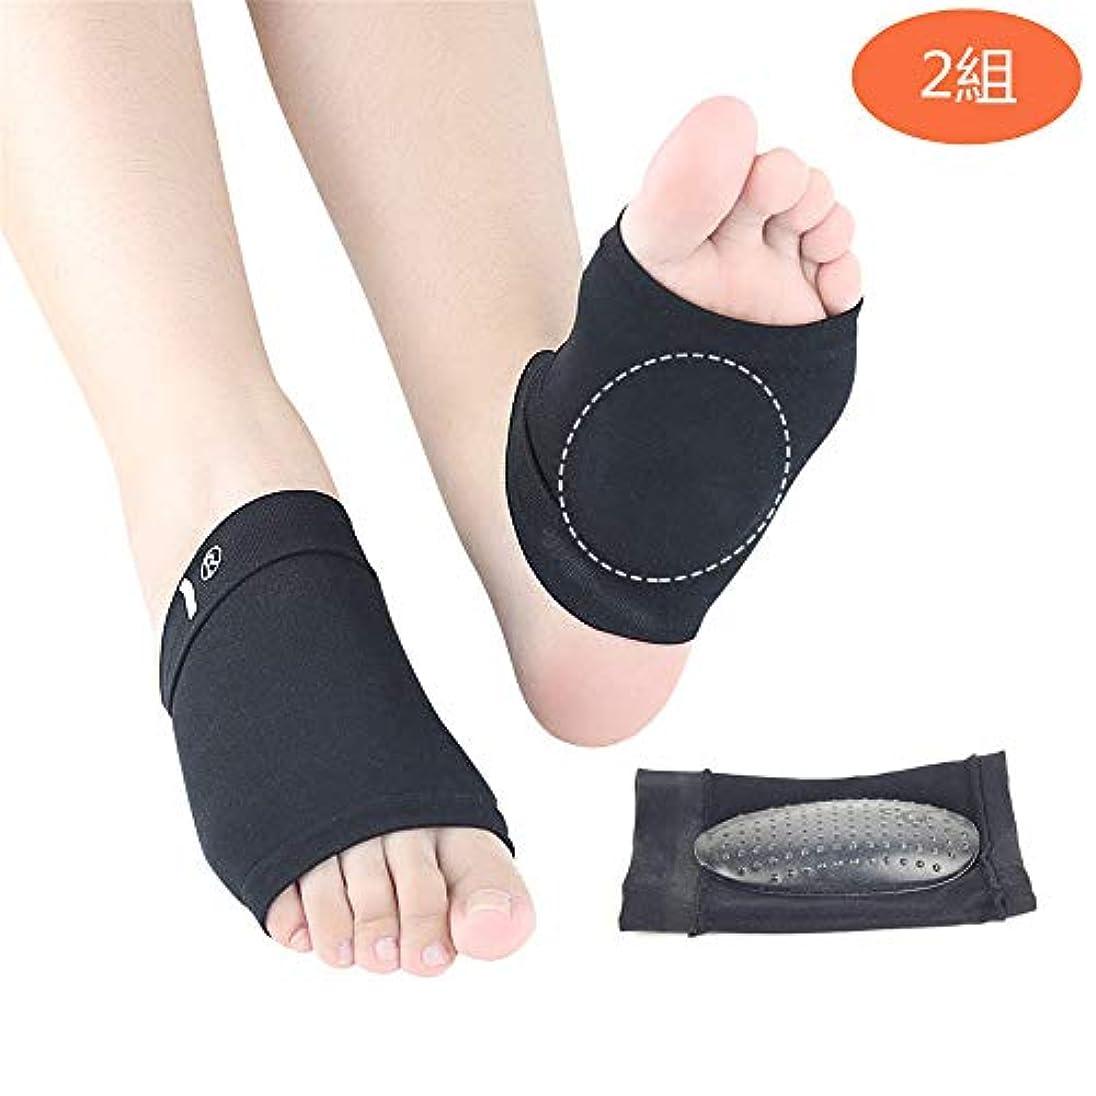 バレーボールクック彼らのもの[HonLena] 足底筋膜炎 サポーター 偏平足 足 むくみ 解消 グッズ (2組) 黒色